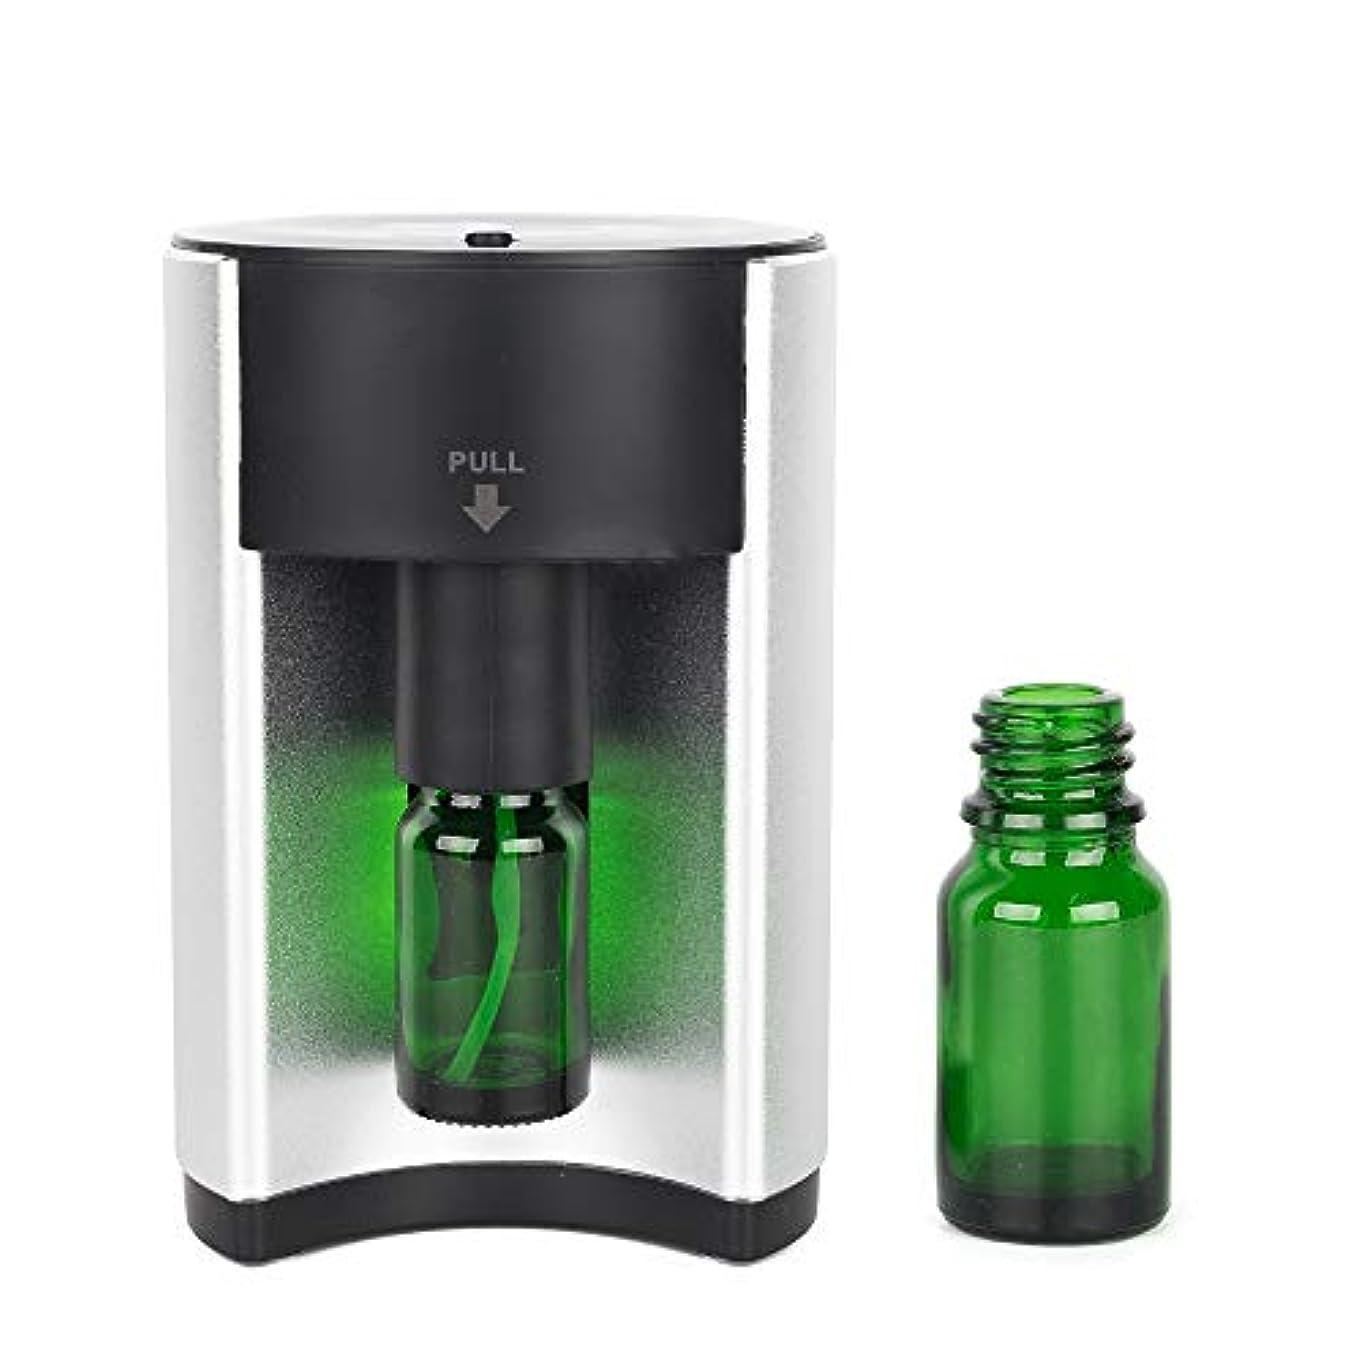 略奪残酷な最愛のアロマディフューザー アロマ 芳香器 (GT-SH-S1)アロマオイル ネブライザー式 アロマポット usb コンセント 小型 香り おしゃれ 可愛い シンプル 軽量 卓上 シンプル スマート 水を使わない オイル別売り